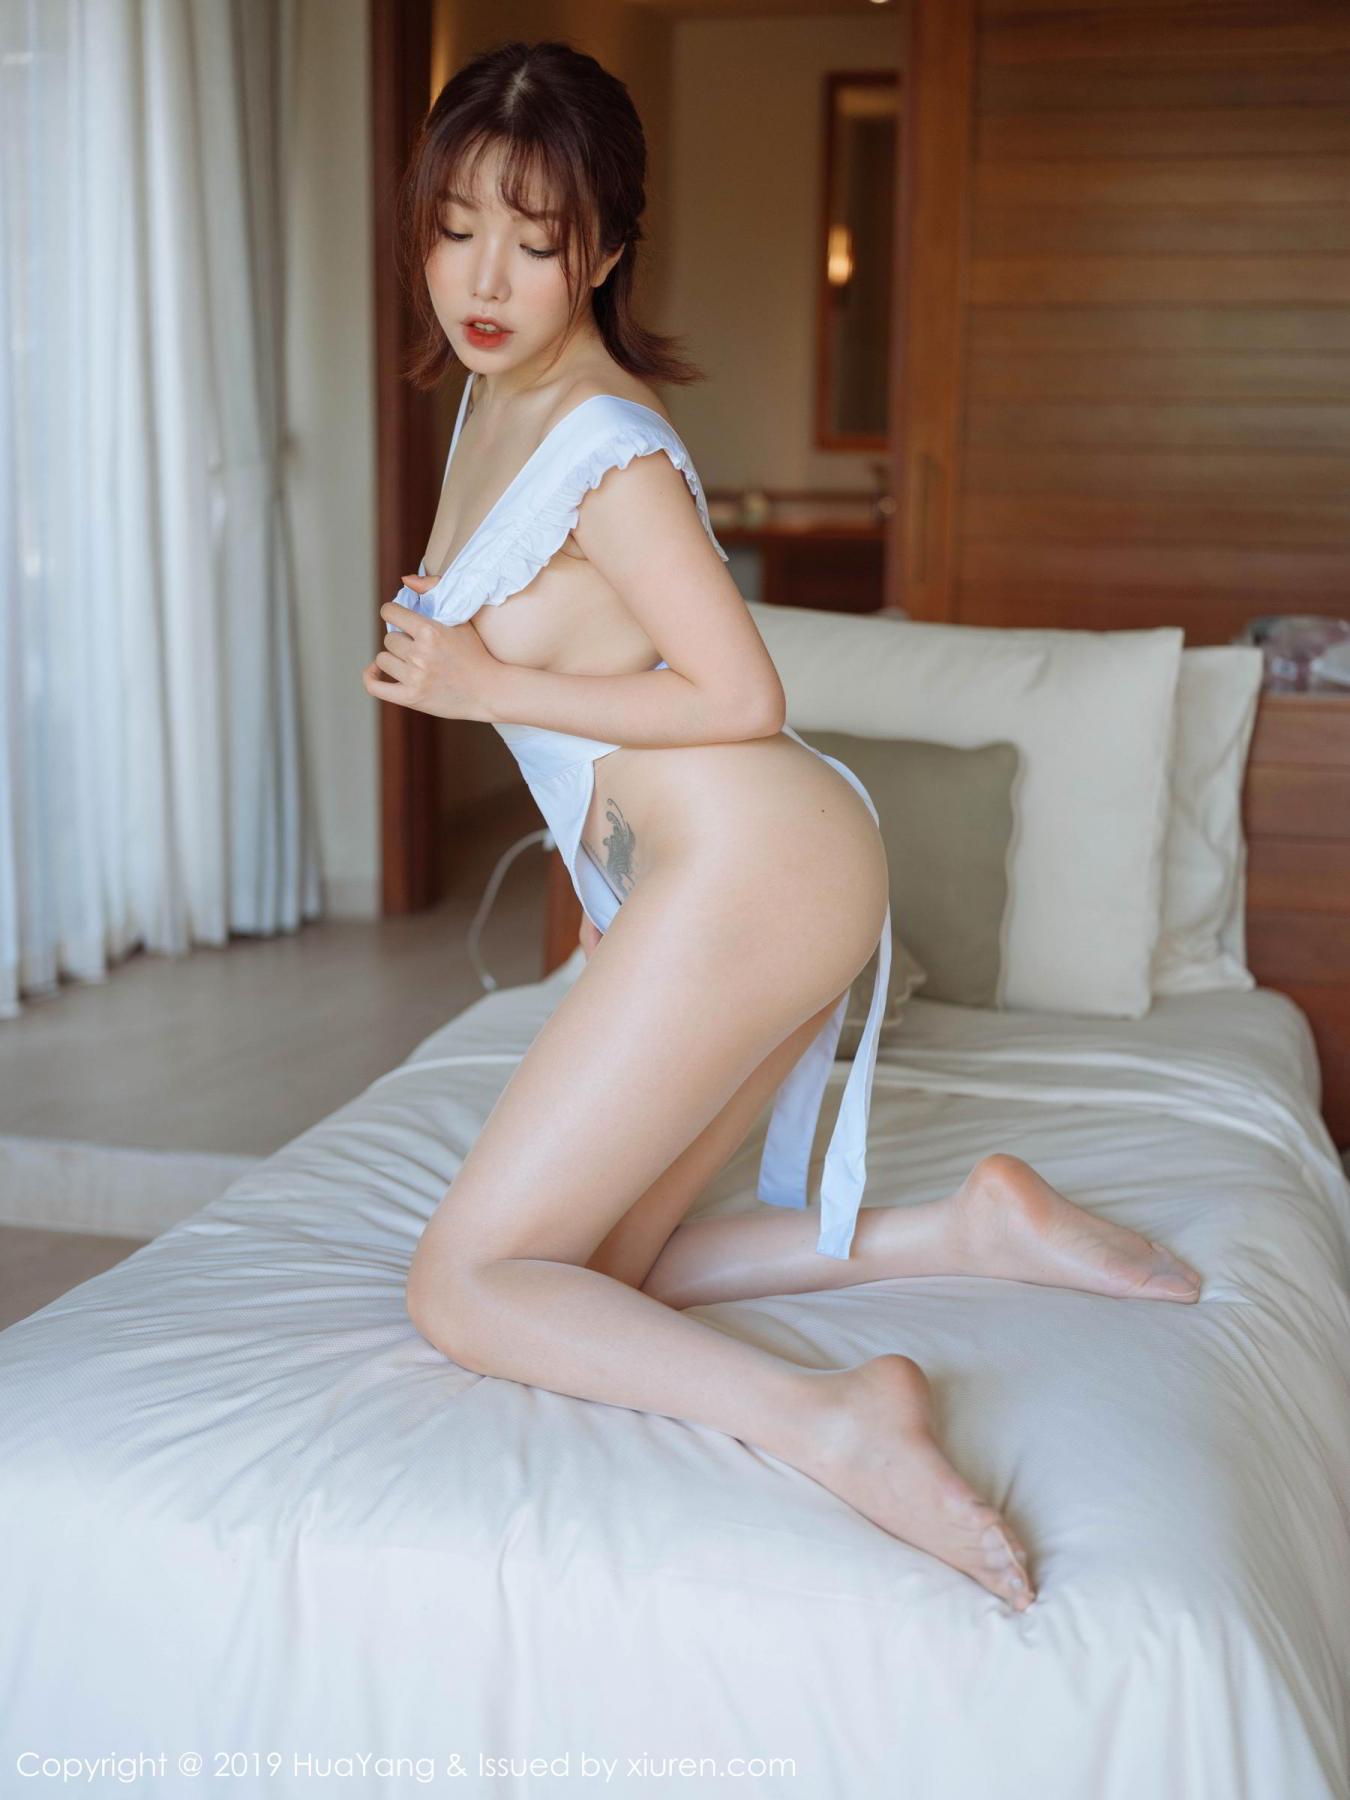 [Huayang] Vol.134 Huang Le Ran 28P, Huang Le Ran, HuaYang, Maid, Sexy